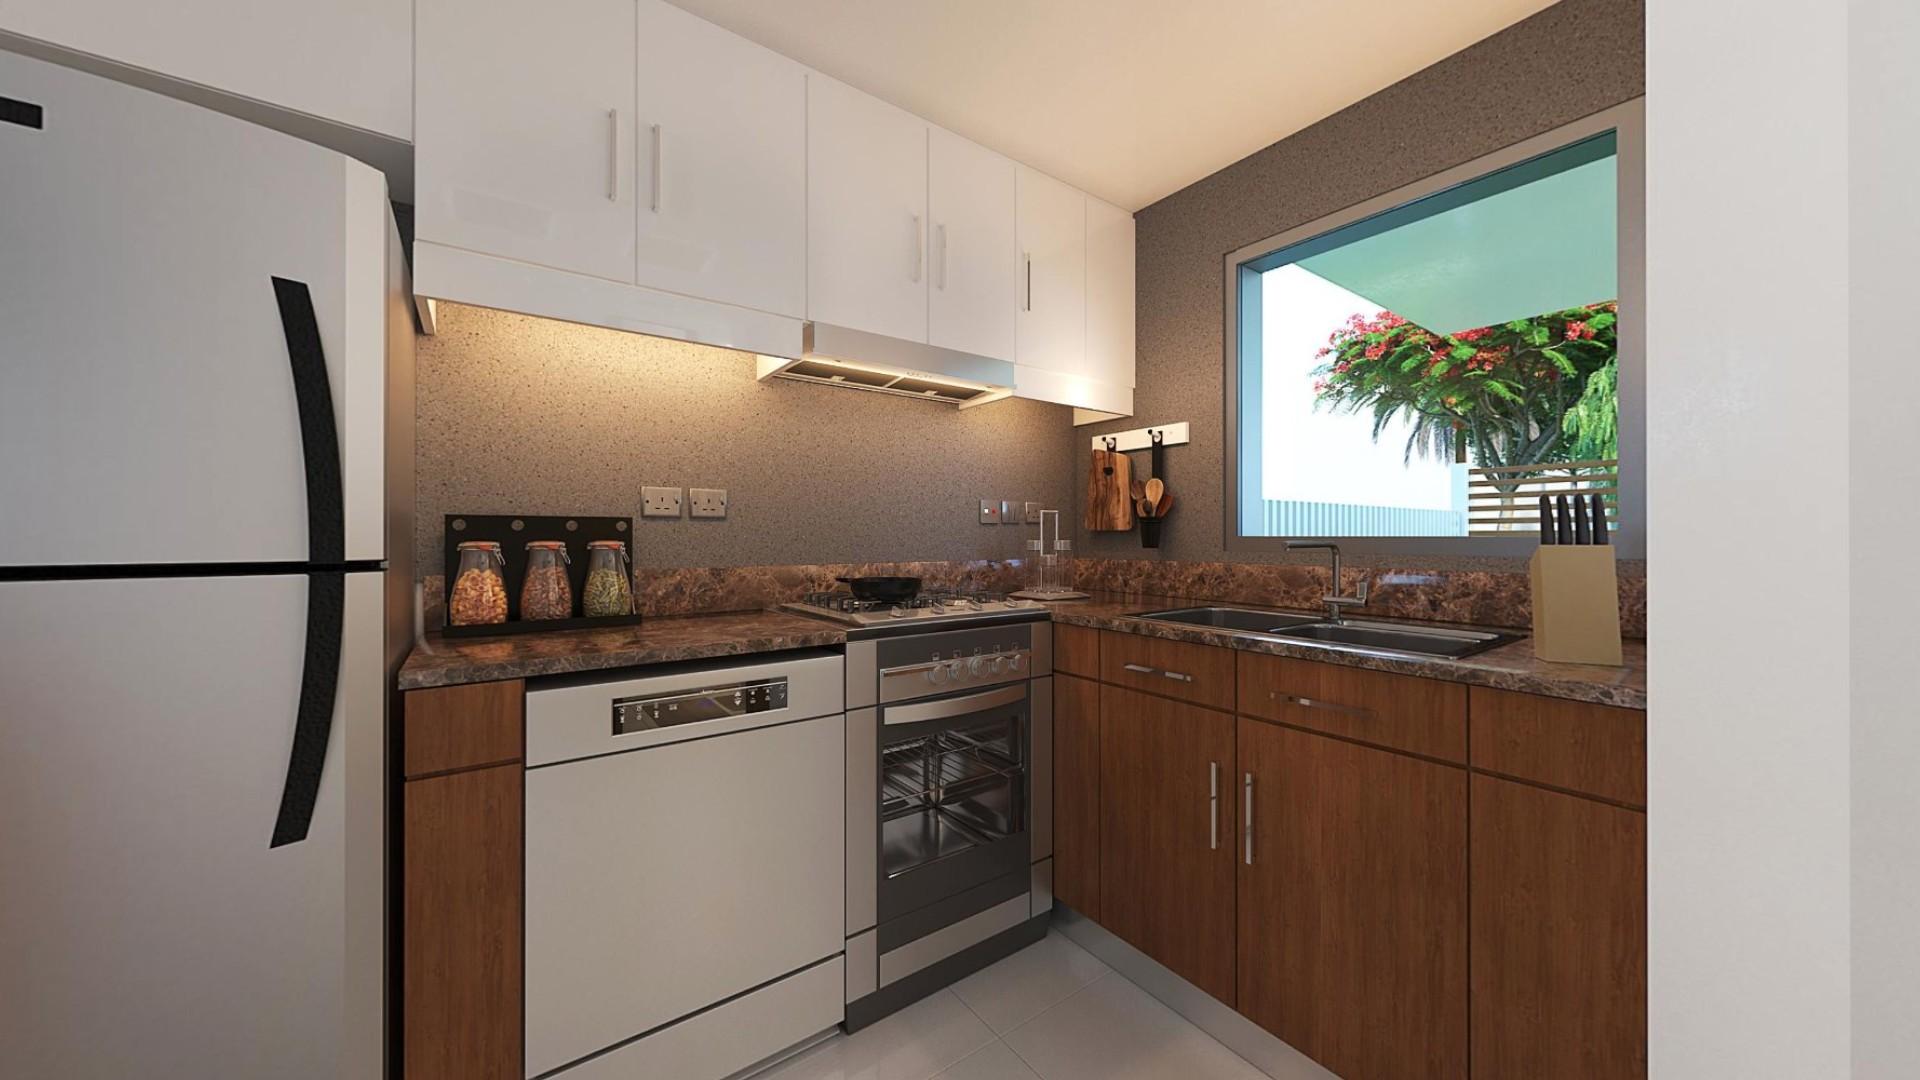 Adosado en venta en Dubai, EAU, 1 dormitorio, 90 m2, № 24557 – foto 3